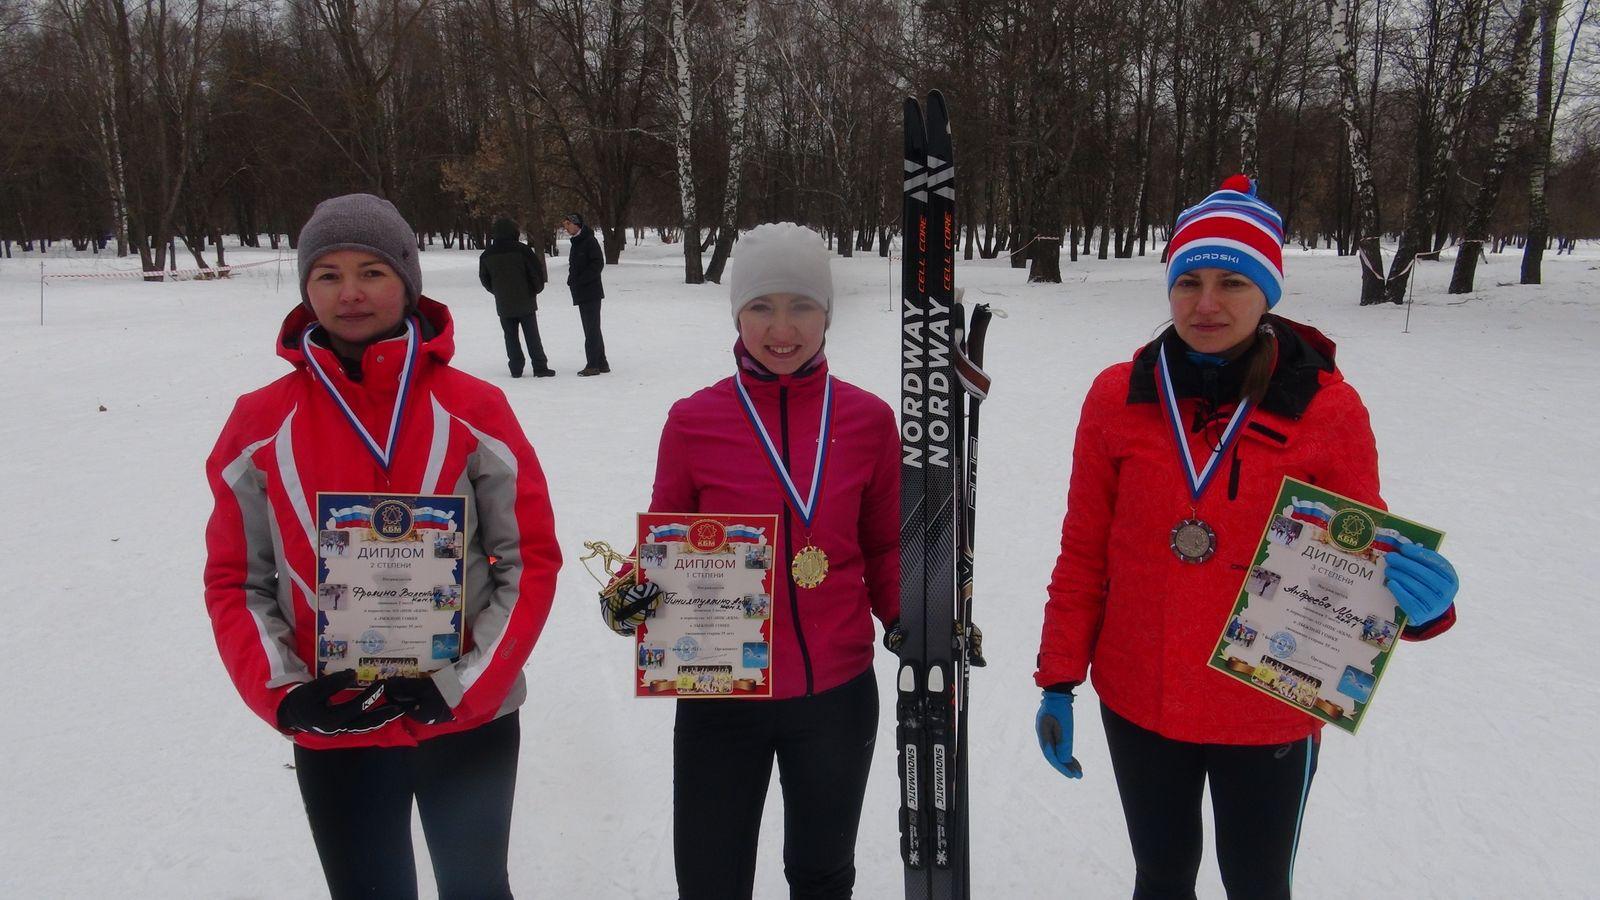 КОЛОМНАСПОРТ - Спорт в Коломне Лыжной гонкой спортсмены КБМ дали старт Спартакиаде – 2021